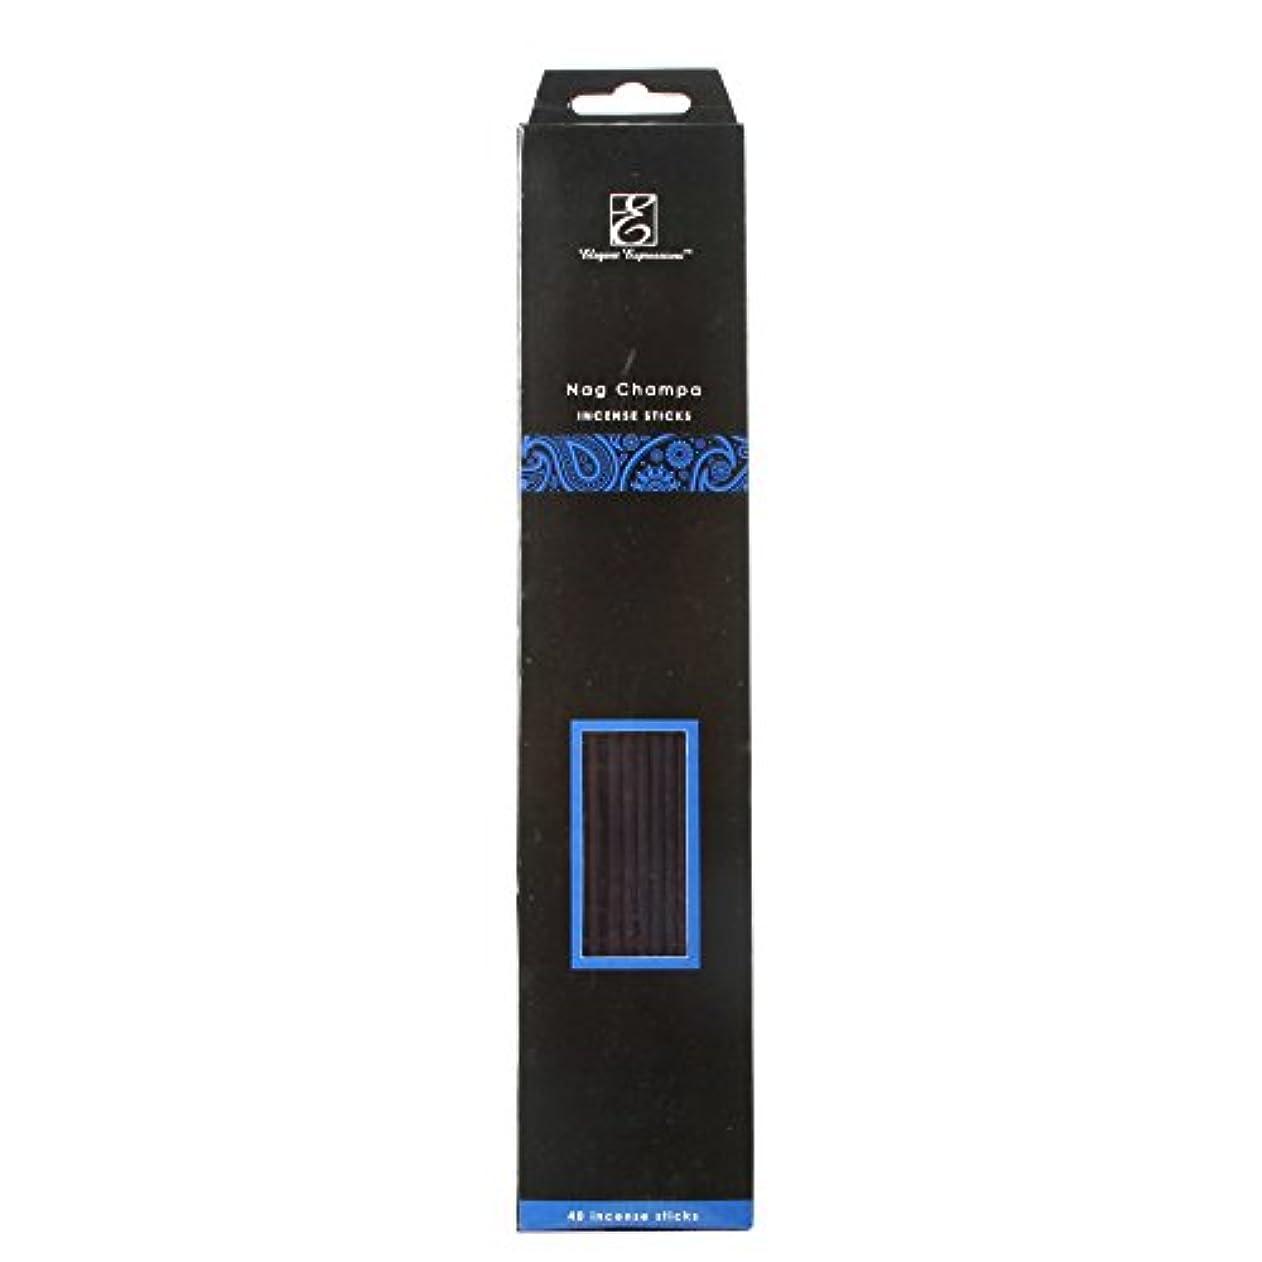 抜粋処分した洋服Hosley Highly Fragranced Nag Champa Incense Sticks 240パック、Infused with Essential Oils。理想的なギフト、ウェディング、イベント、アロマセラピー...